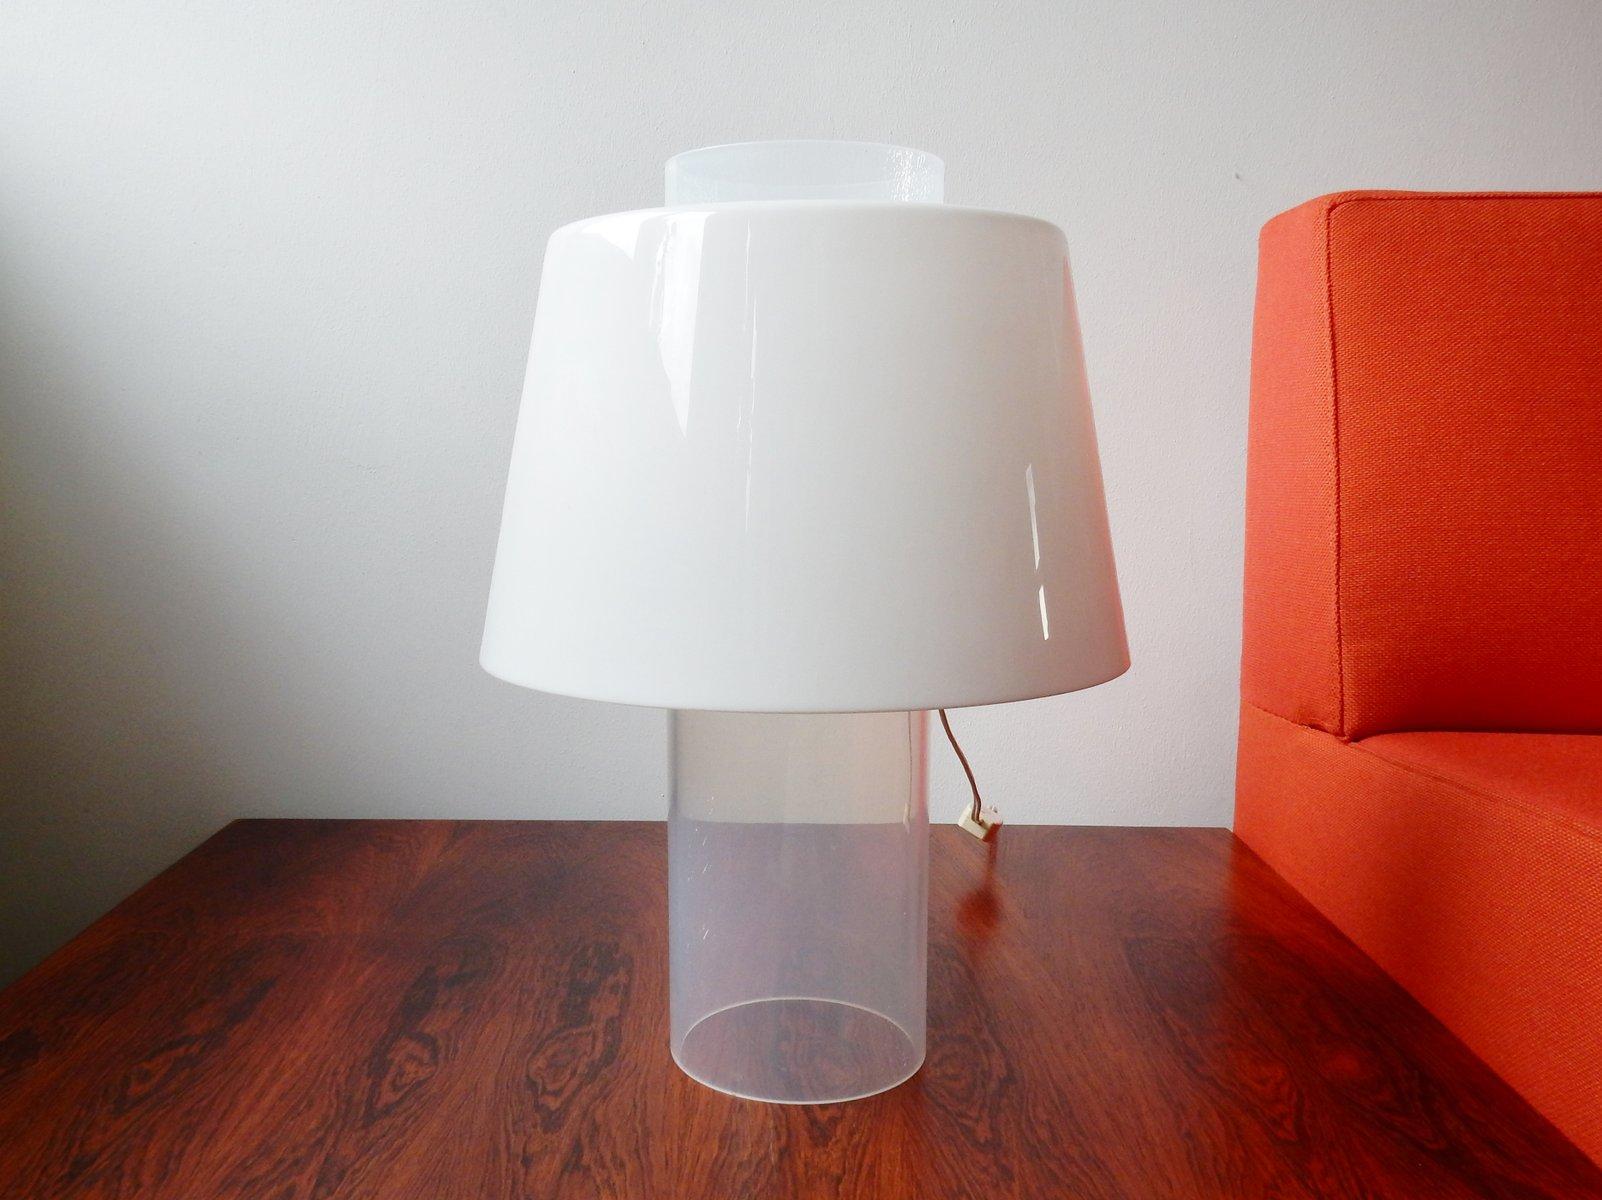 Mid-Century Modern Art Tischlampe von Yki Nummi für Sanka